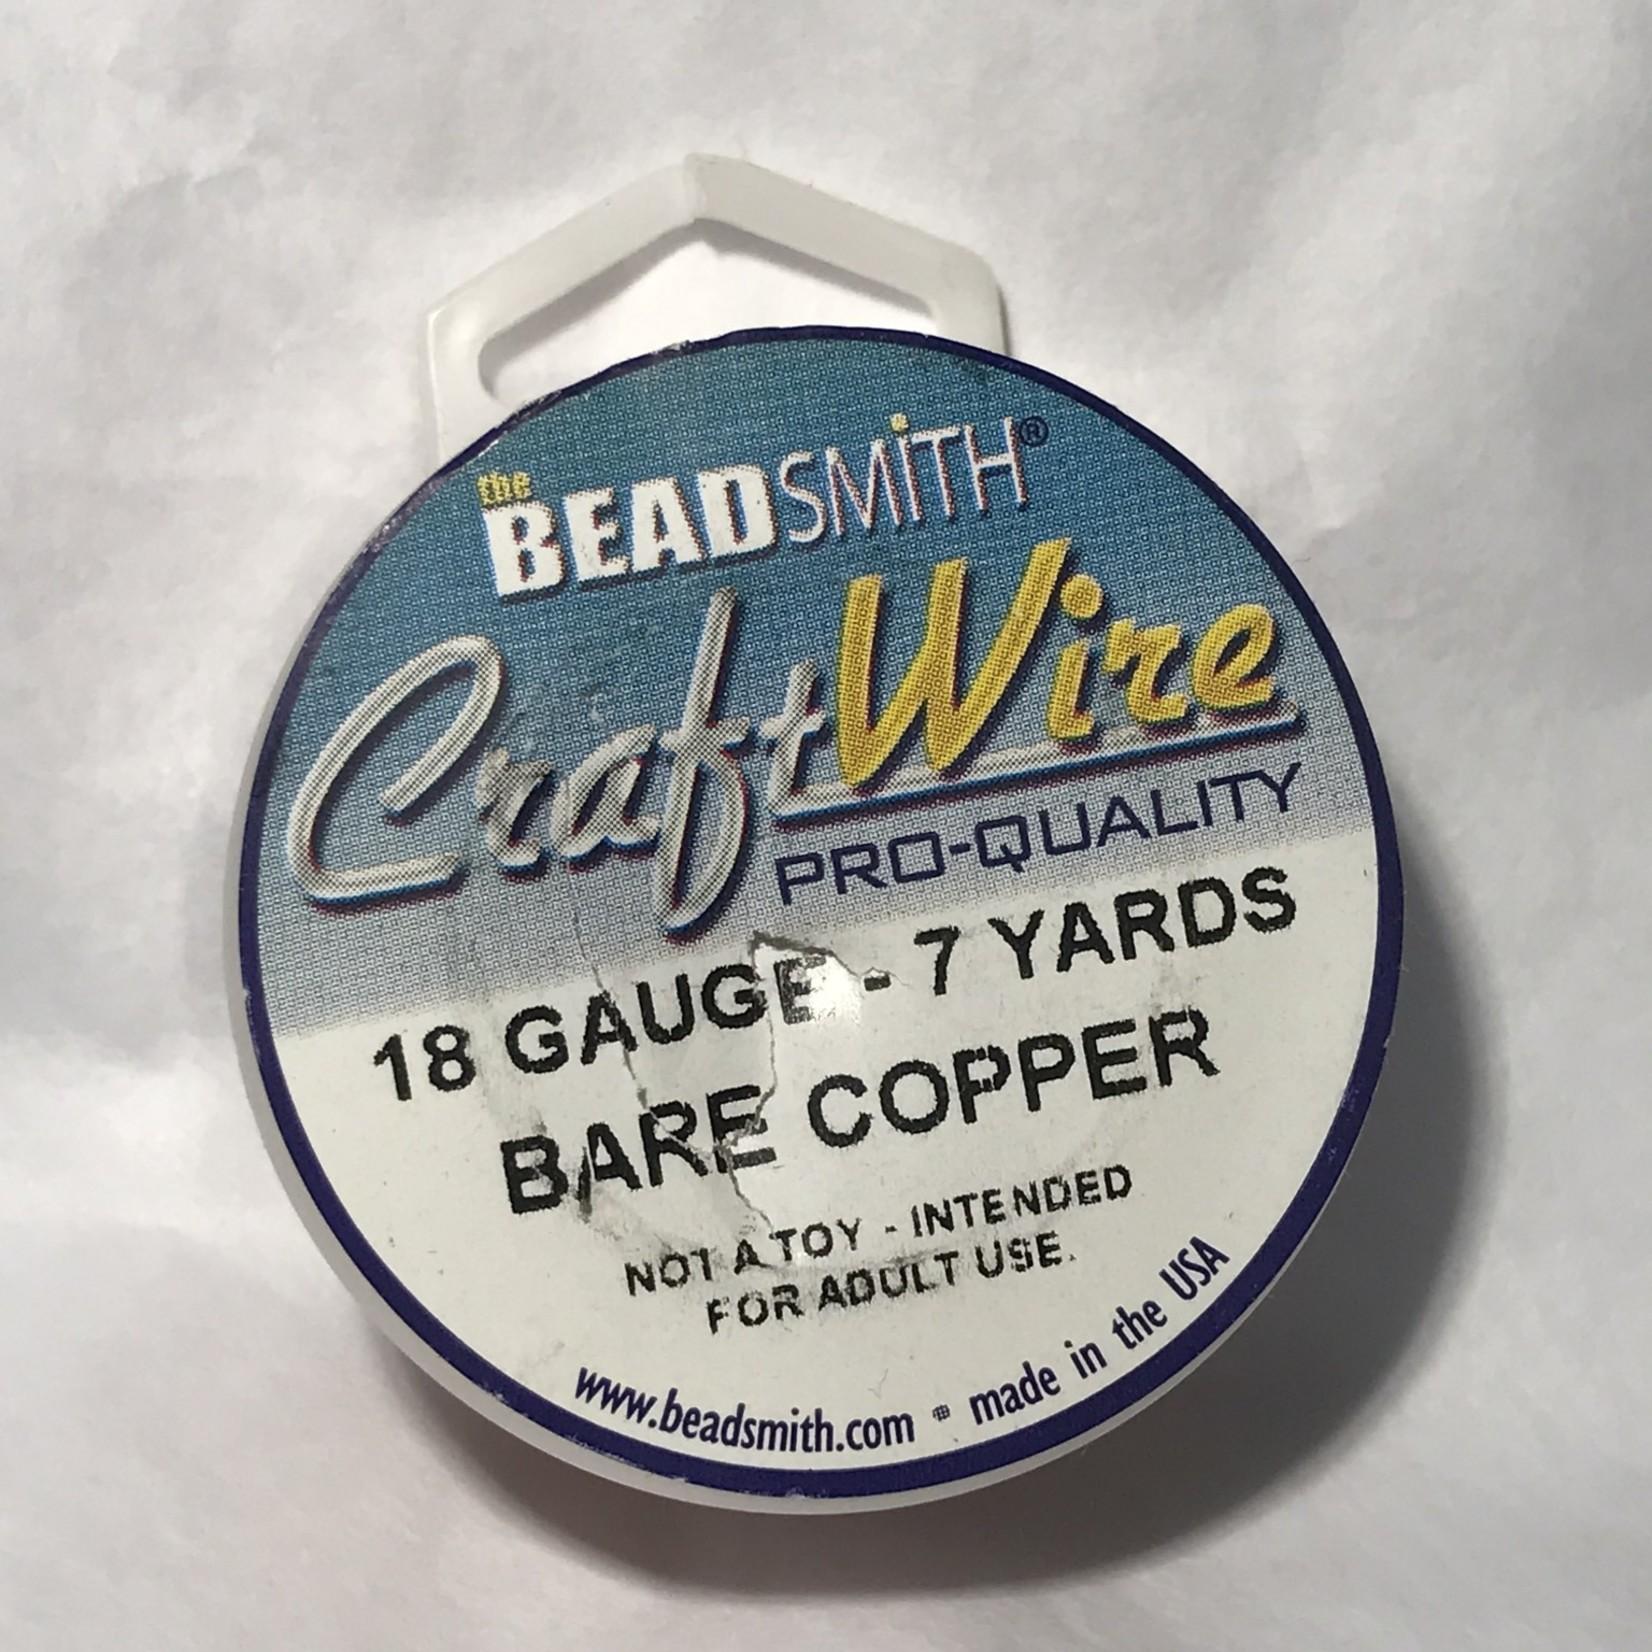 Bare Copper Wire - 18 Gauge Round 7 Yards